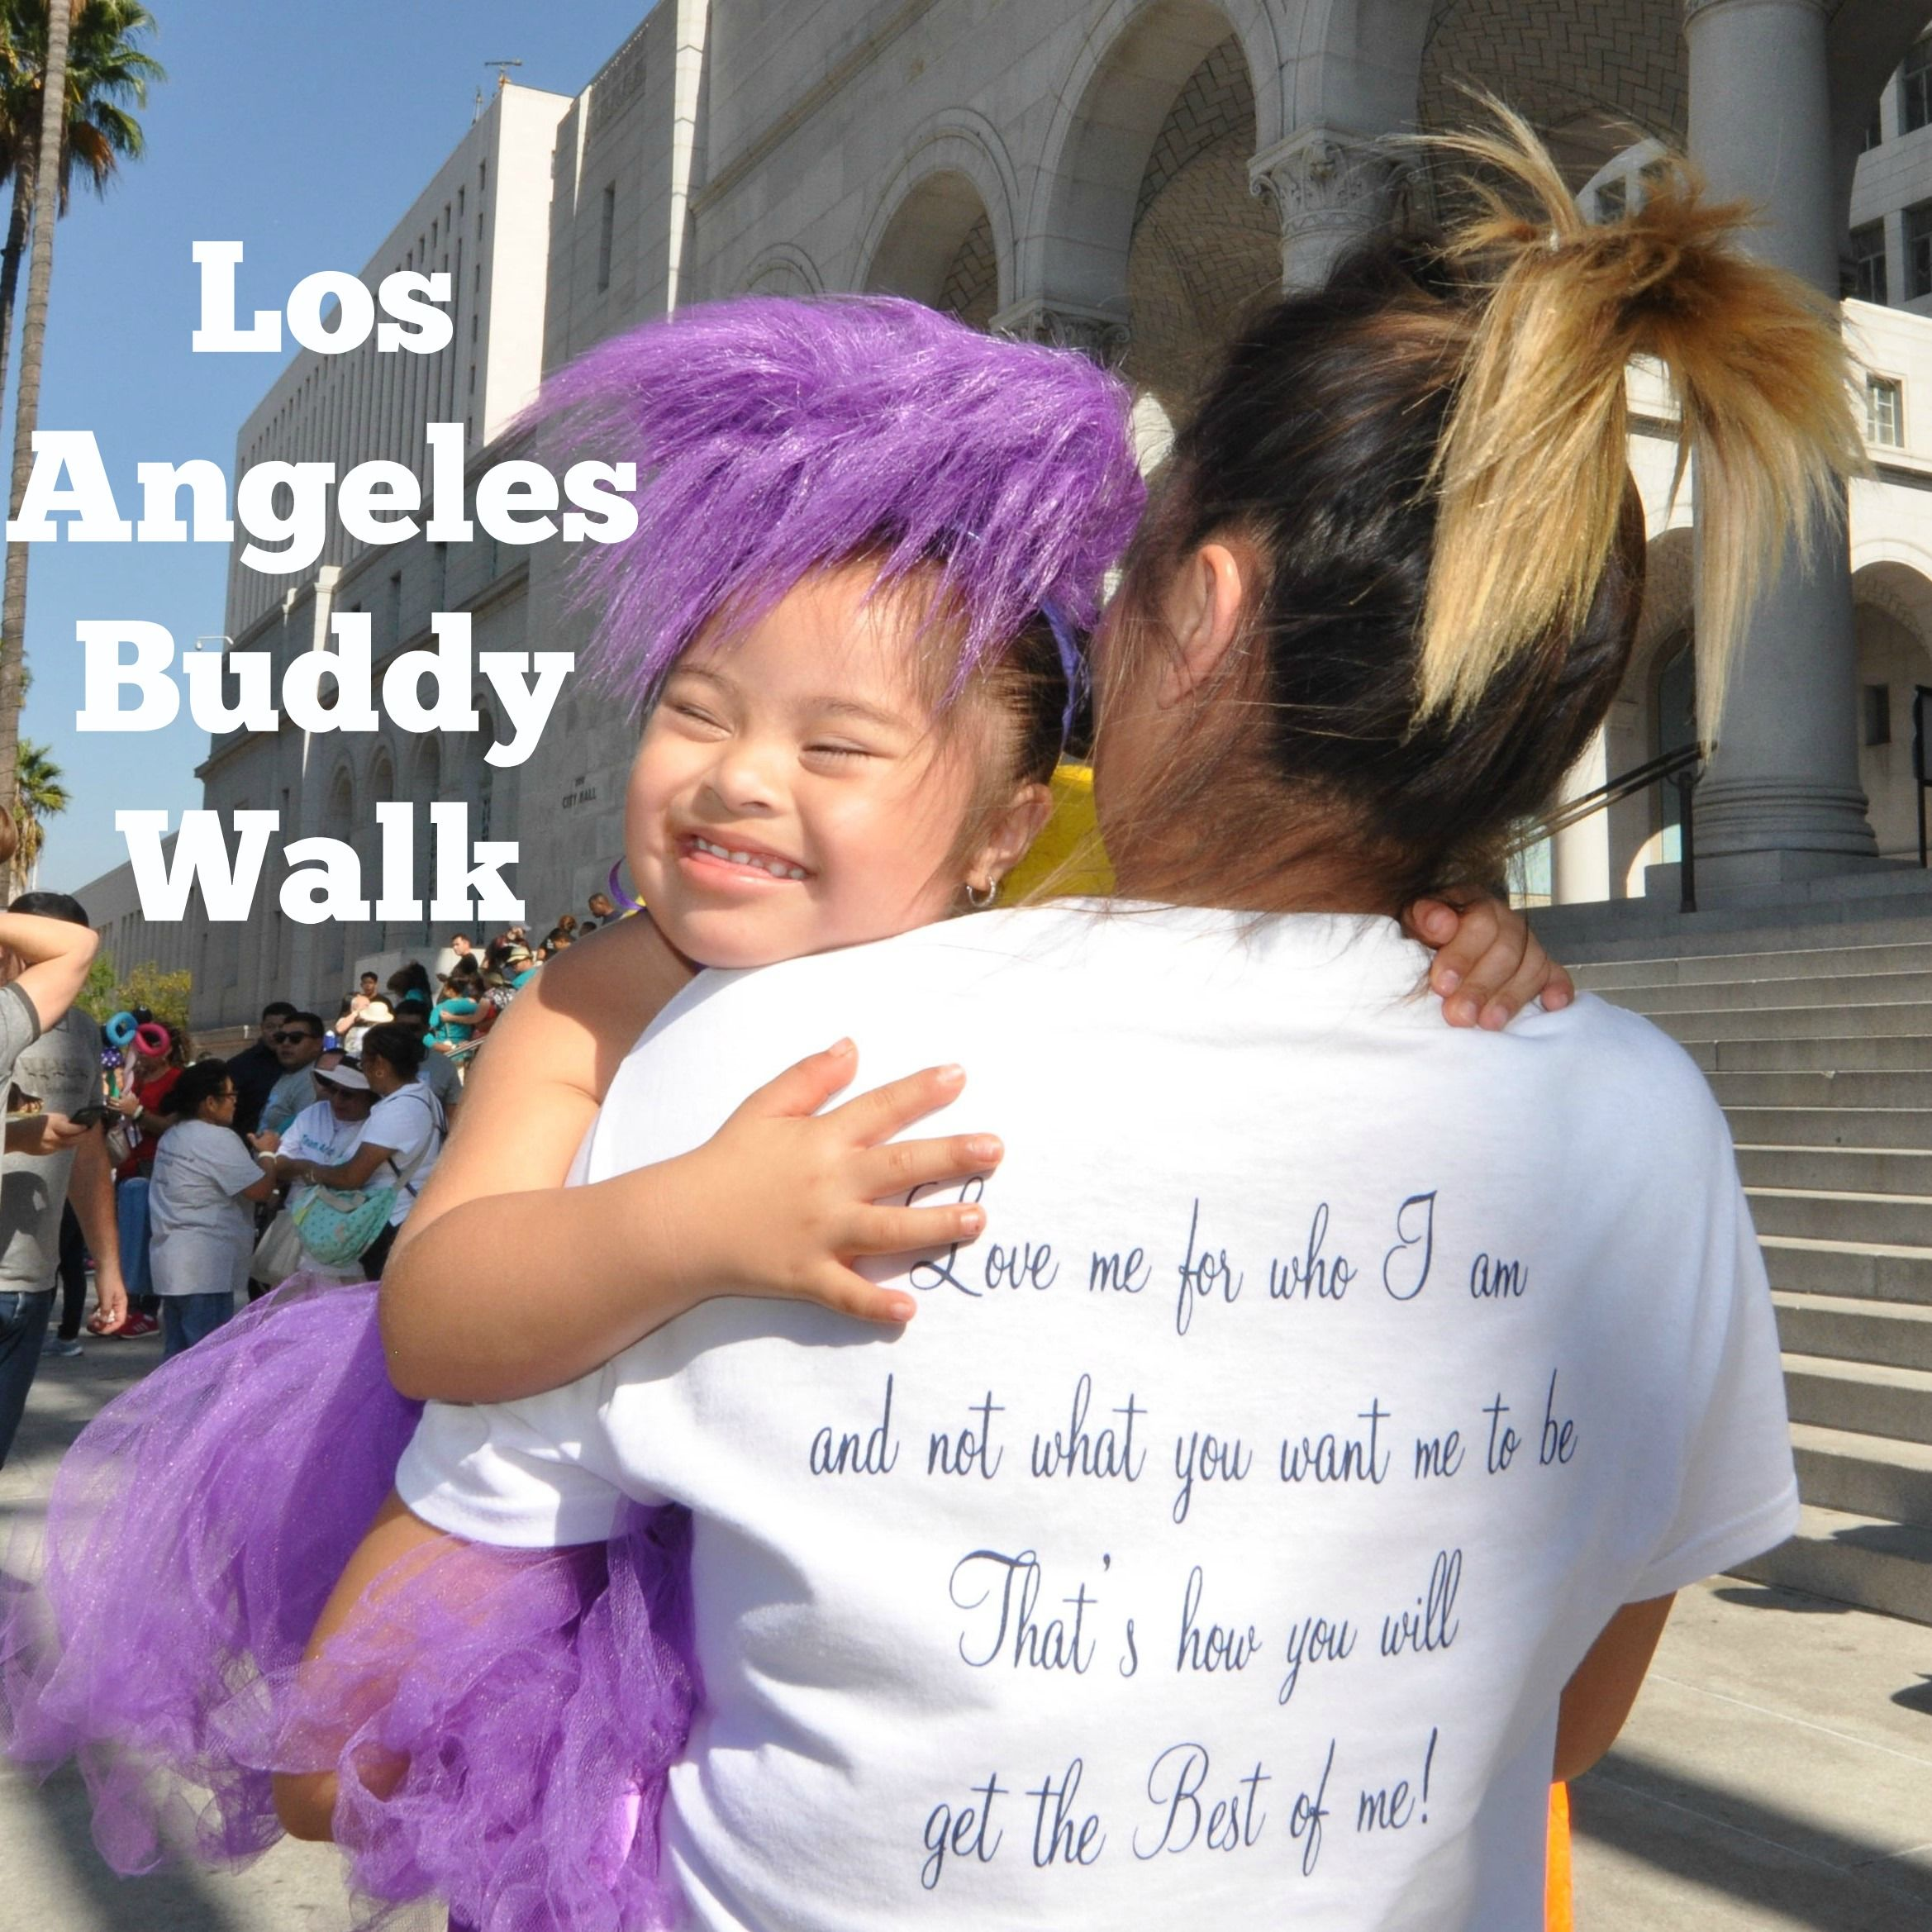 Los Angeles Buddy Walk